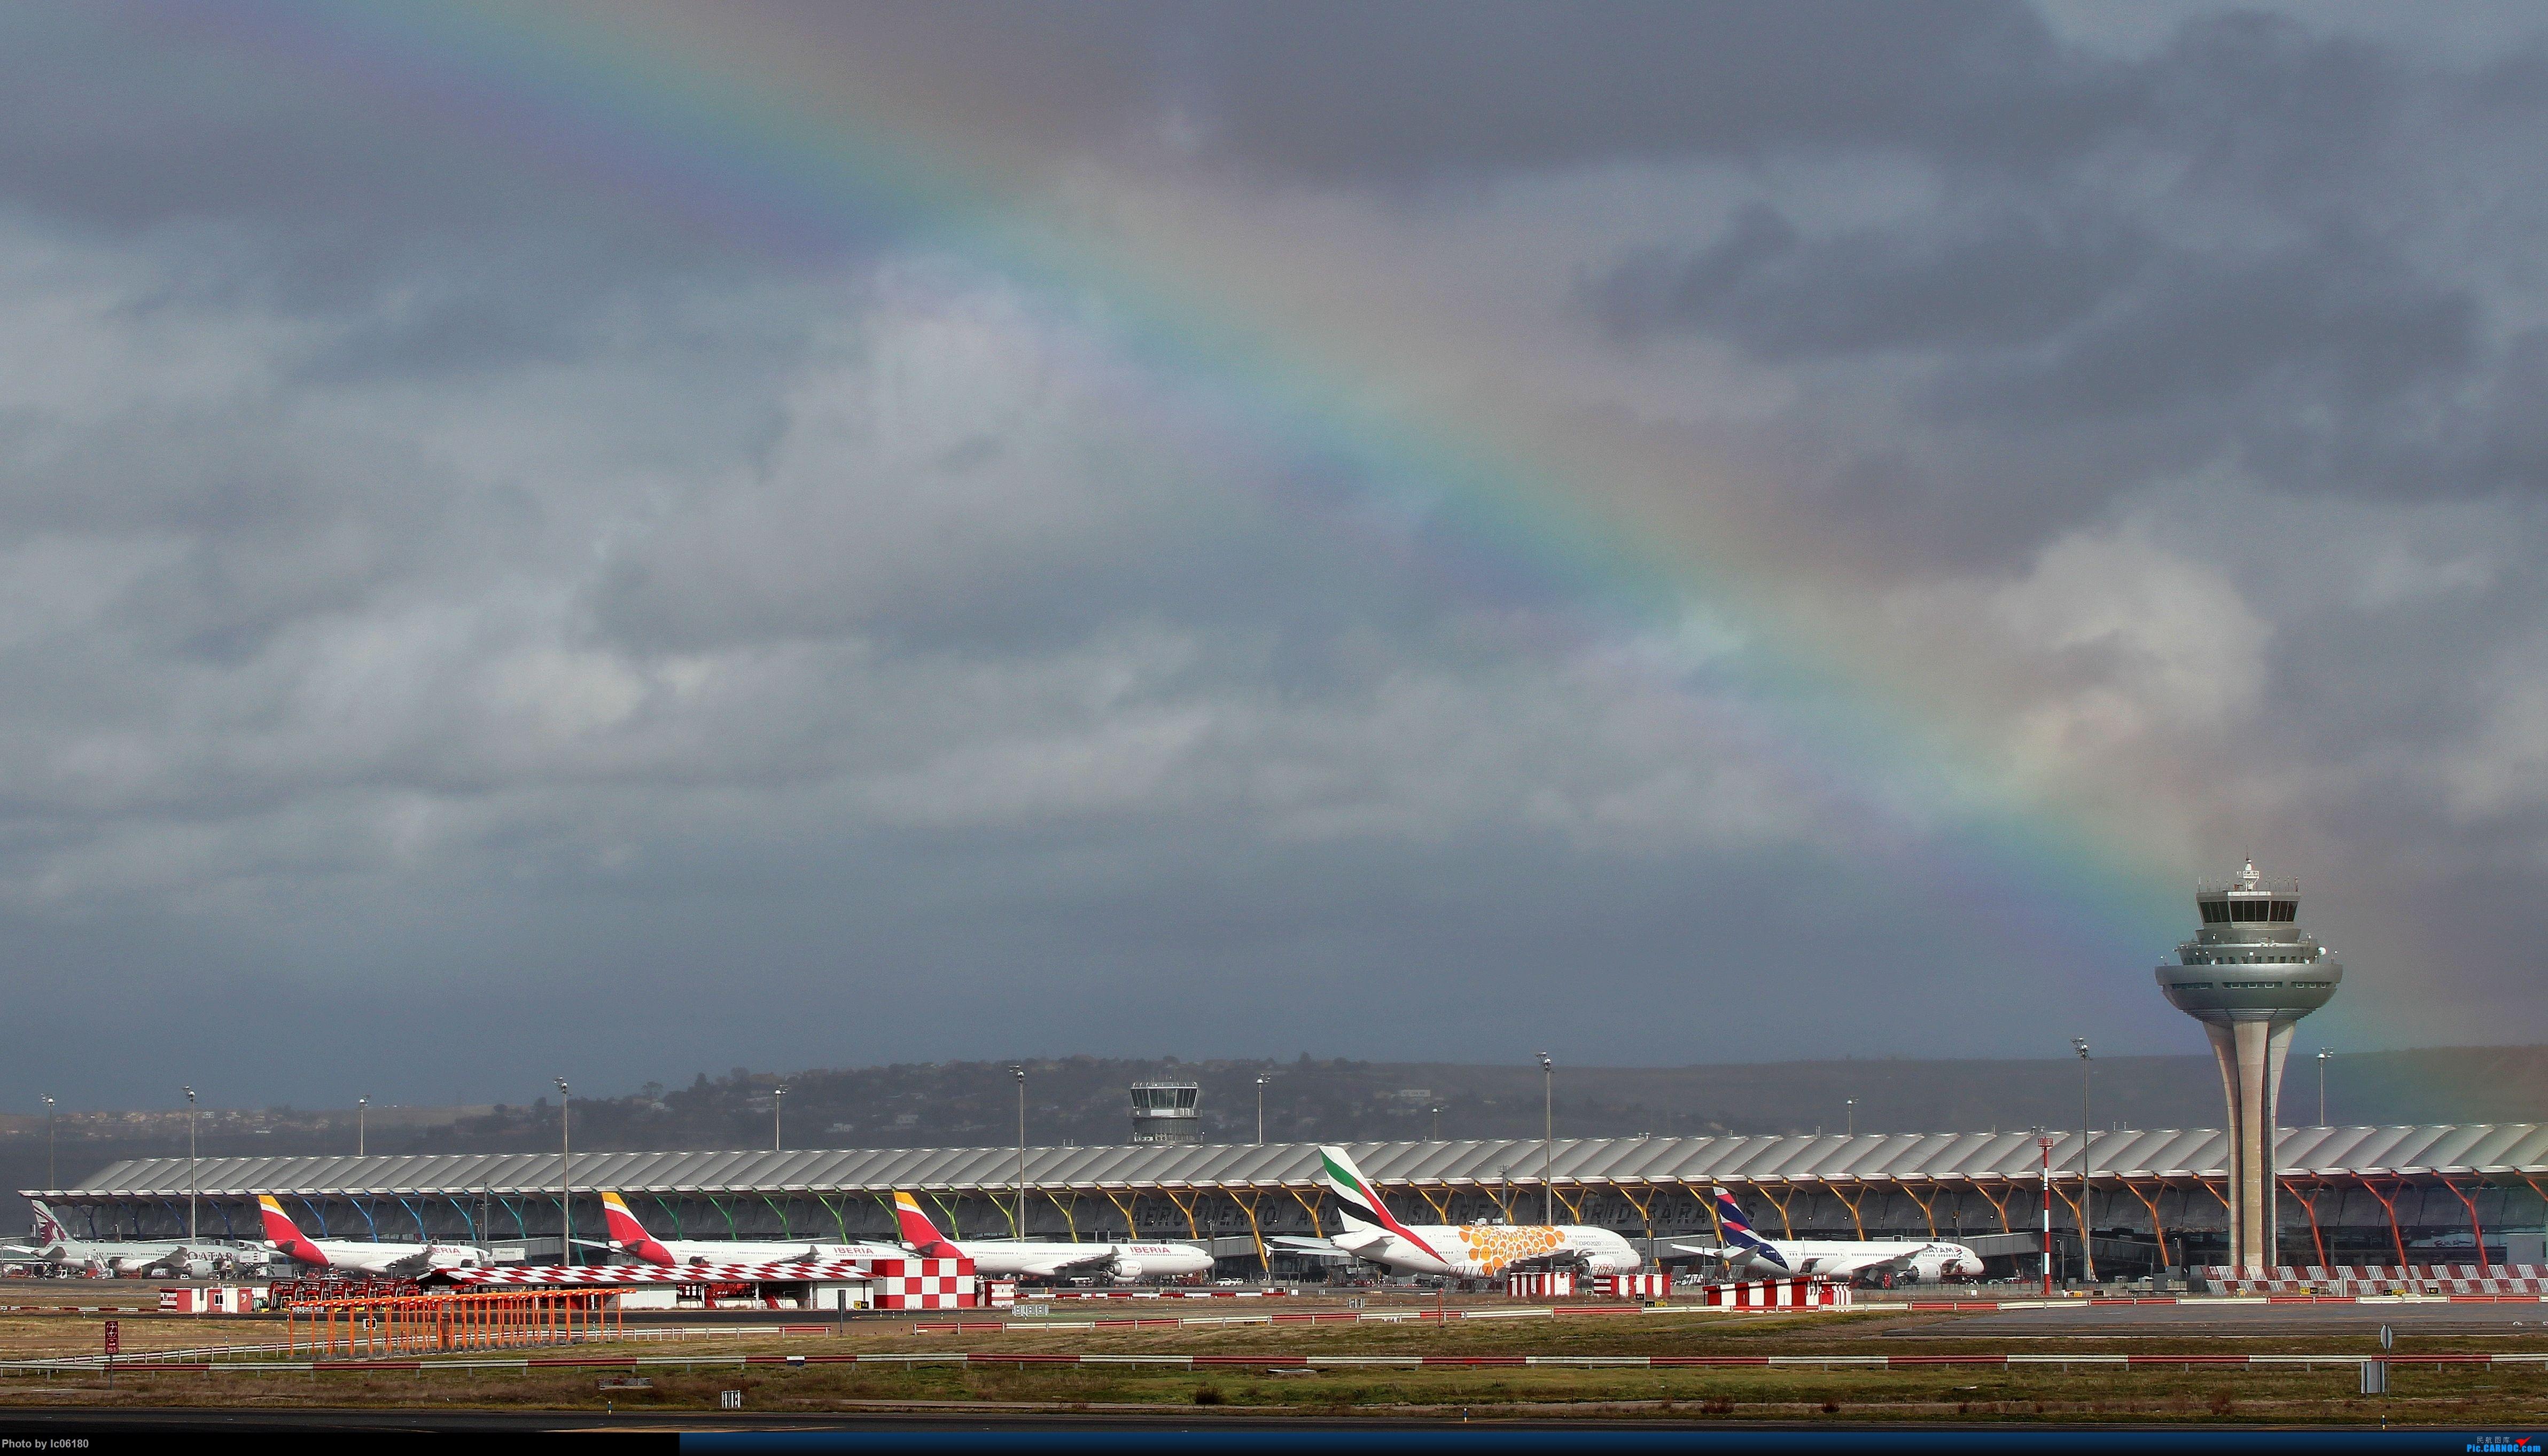 [原创]『lc06180』彩虹下的马德里机场&古巴航空IL96    西班牙马德里机场